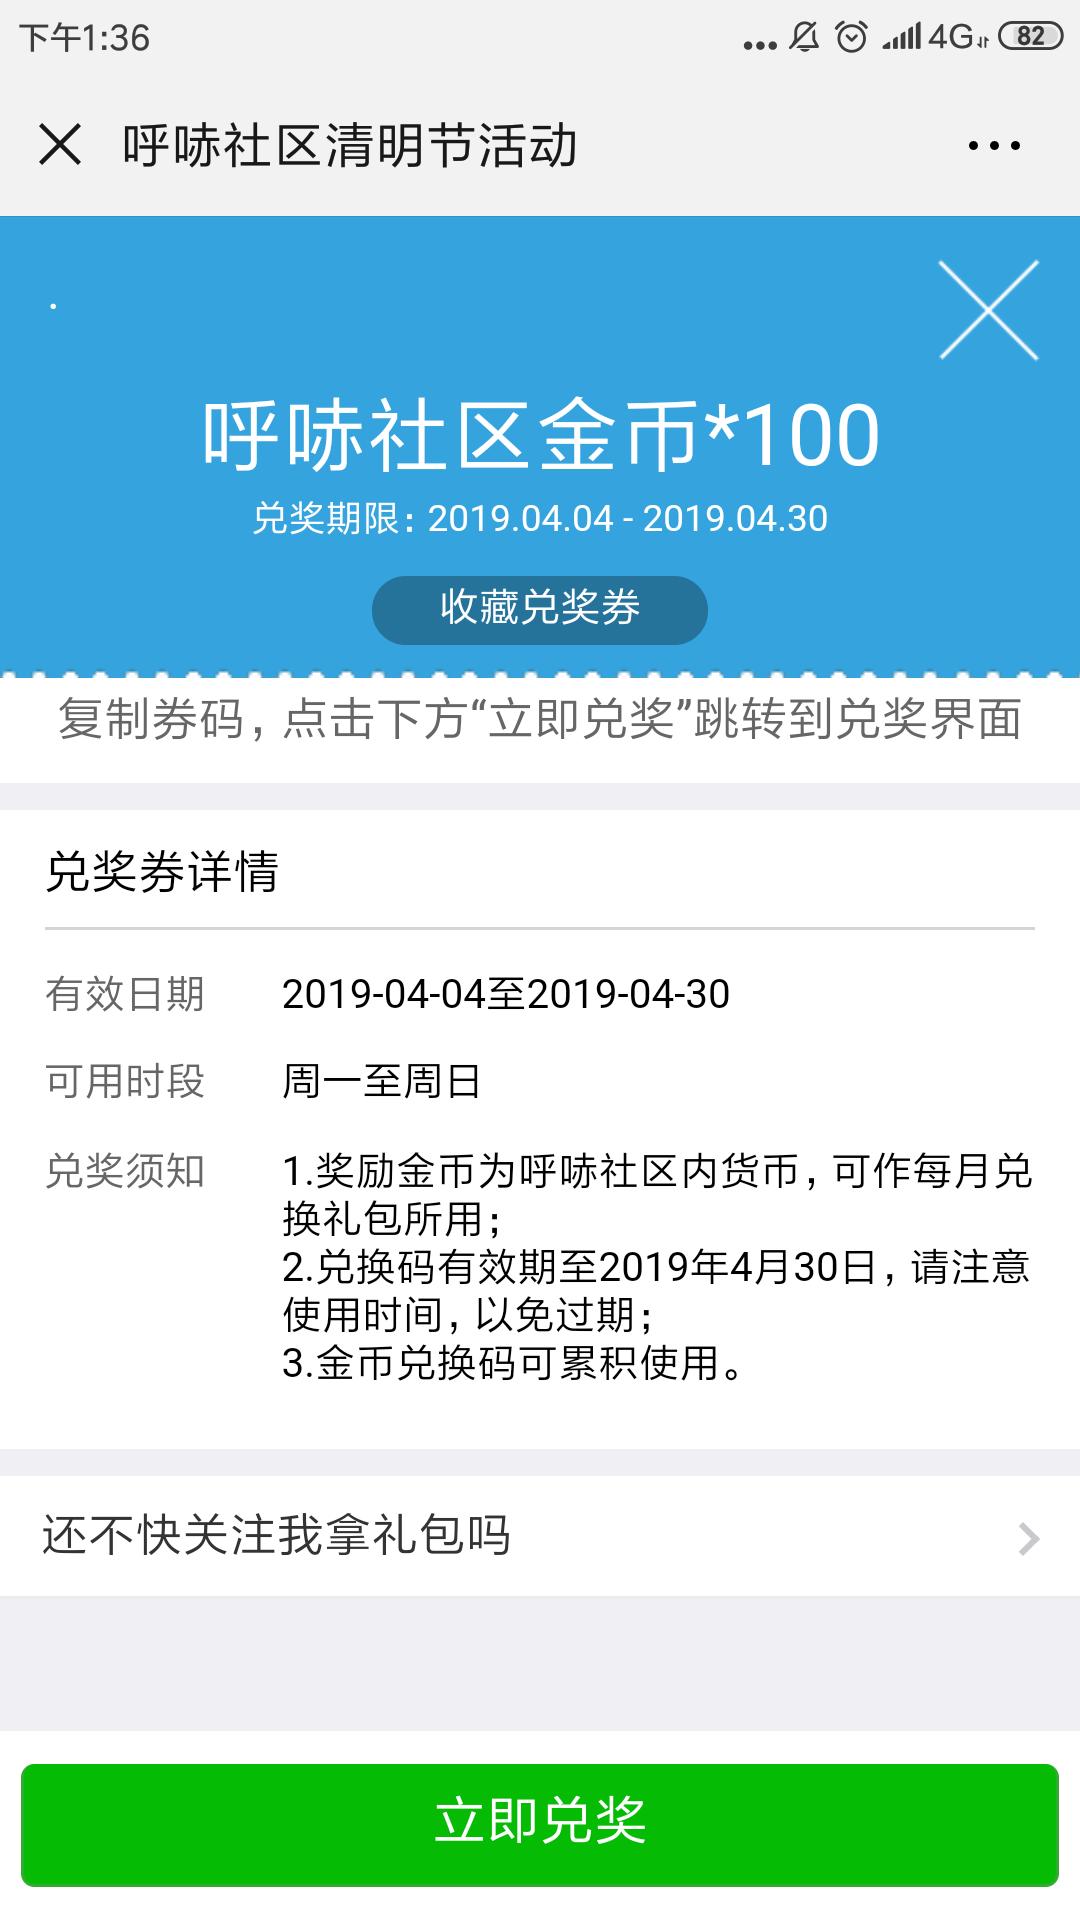 Screenshot_2019-04-09-13-36-41-113_com.tencent.mm.png